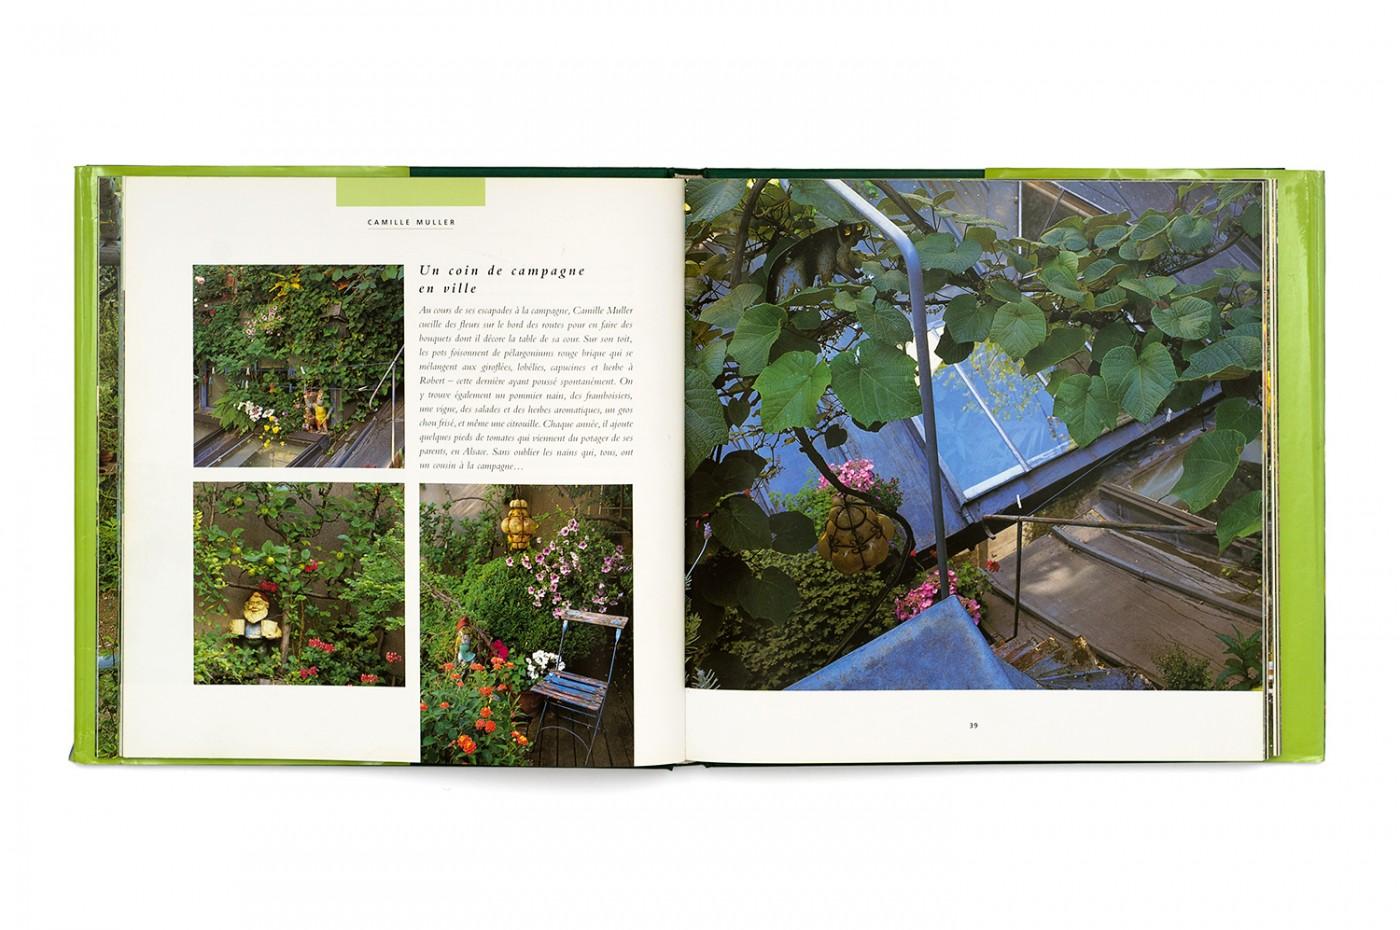 Nouveaux jardins Campagne 2 1400x930